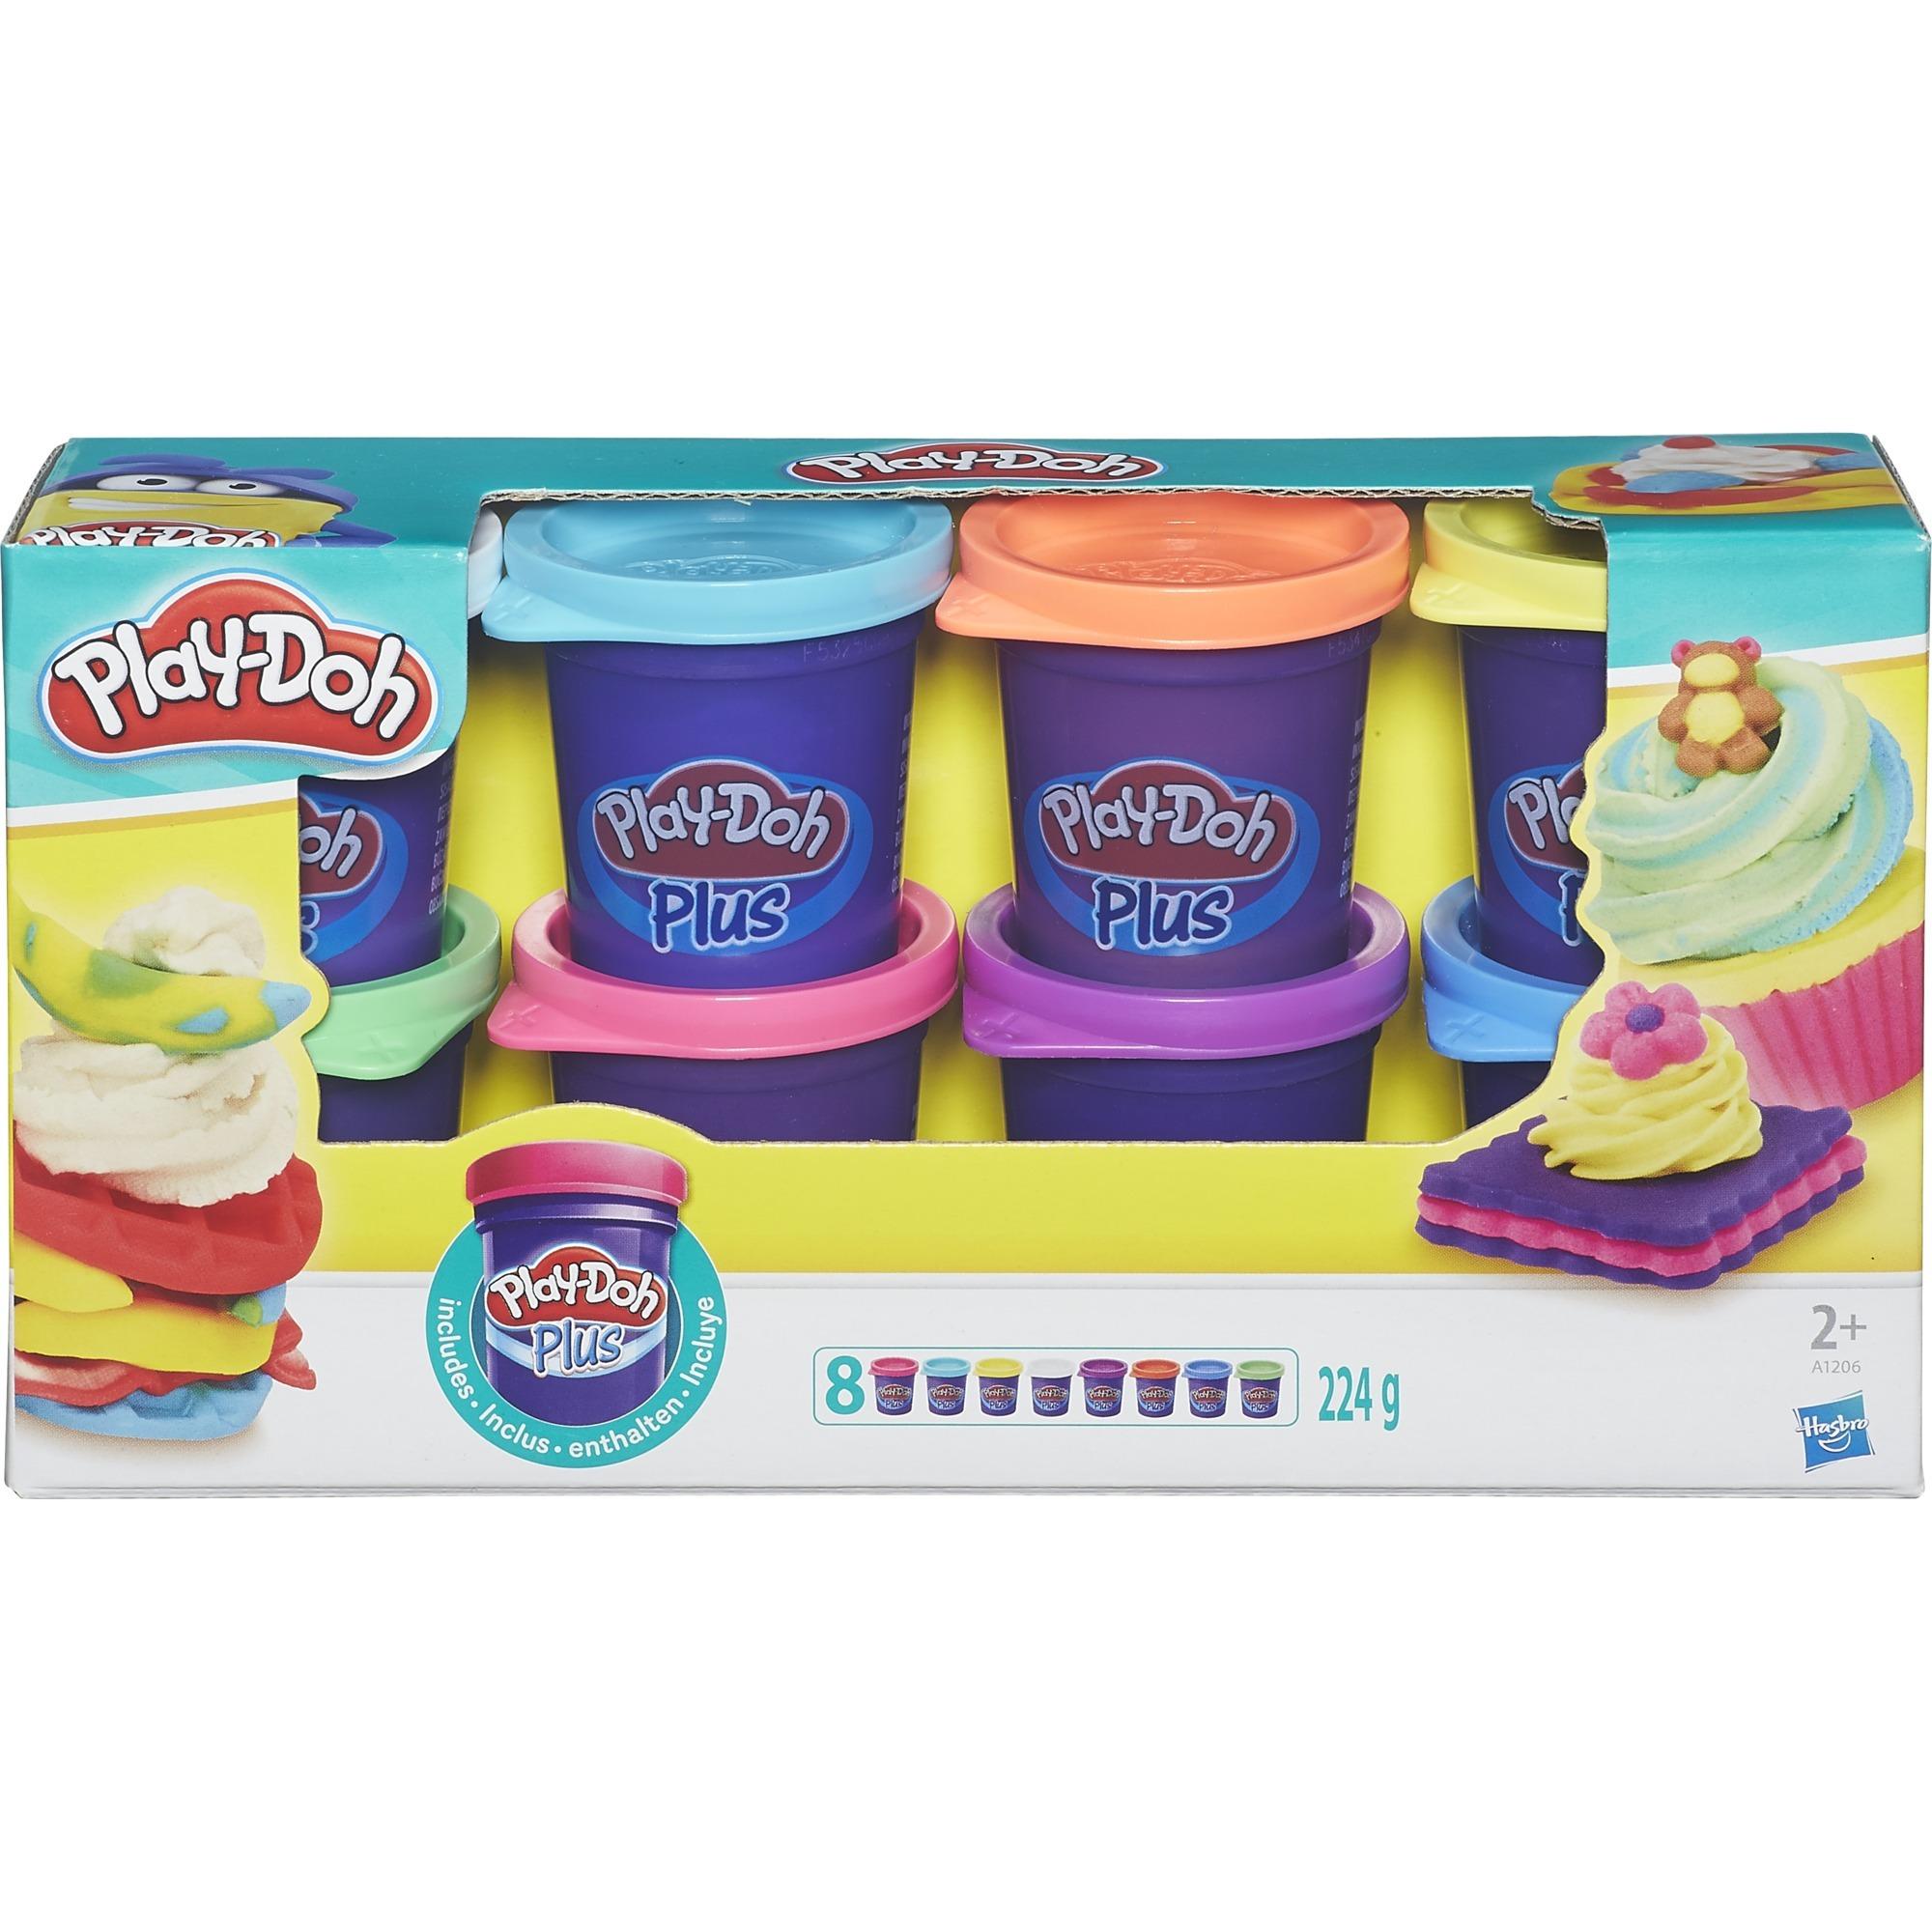 A1206EU4 Pasta para modelar 226g Azul, Verde, Púrpura, Rojo, Turquesa, Violeta, Color blanco, Amarillo 8pieza(s) compuesto para cerámica y modelaje, M